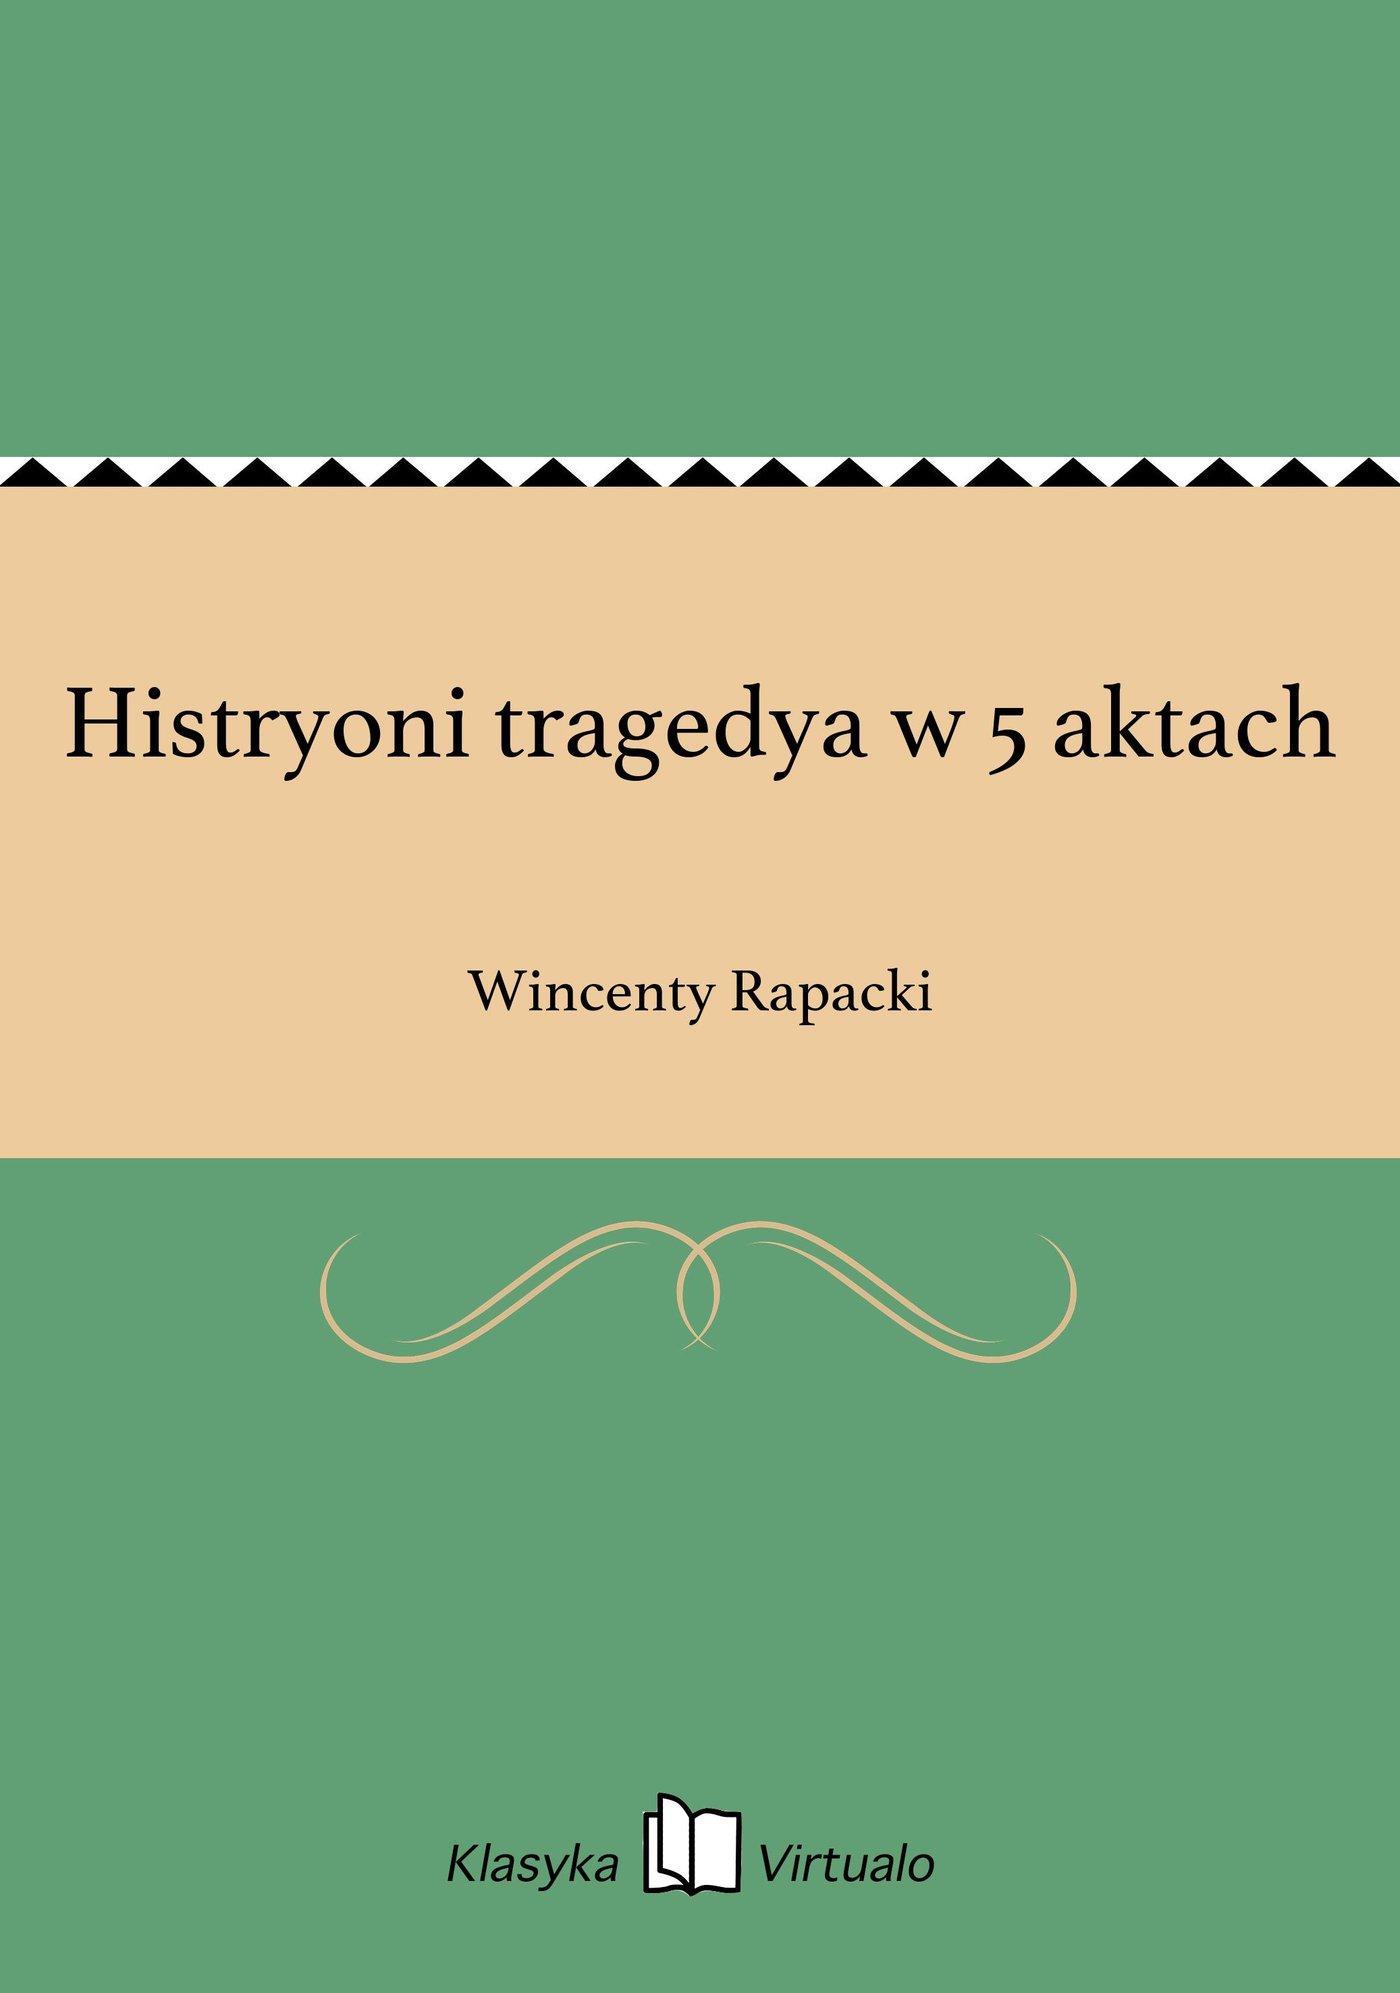 Histryoni tragedya w 5 aktach - Ebook (Książka EPUB) do pobrania w formacie EPUB